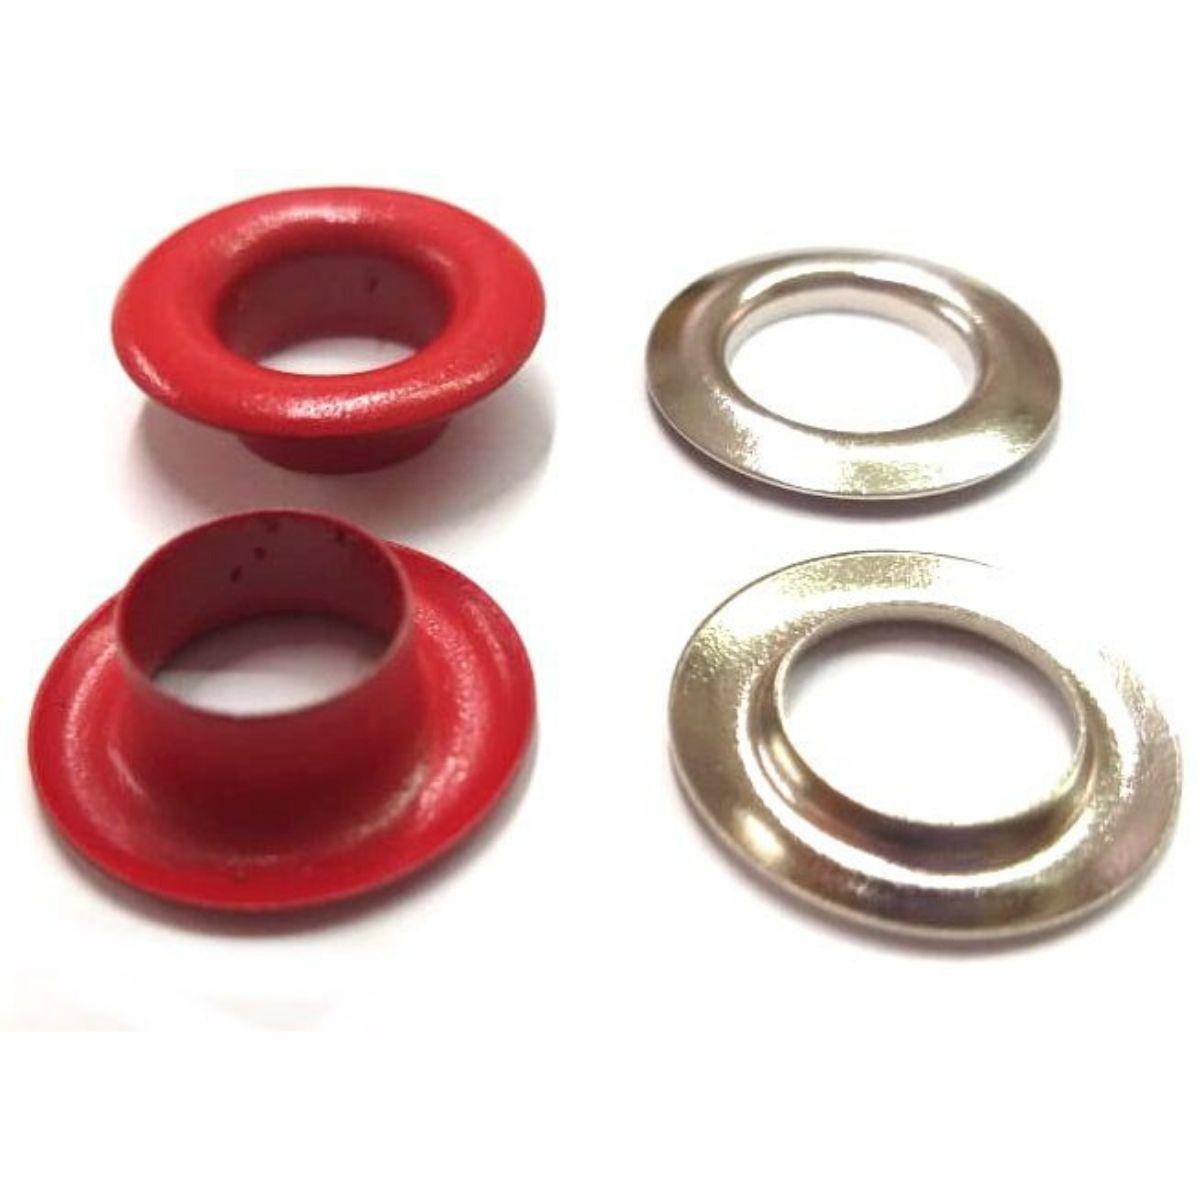 Ilhós com Arruela Ferro Vermelho Nº 0 - 18mm de diâmetro externo